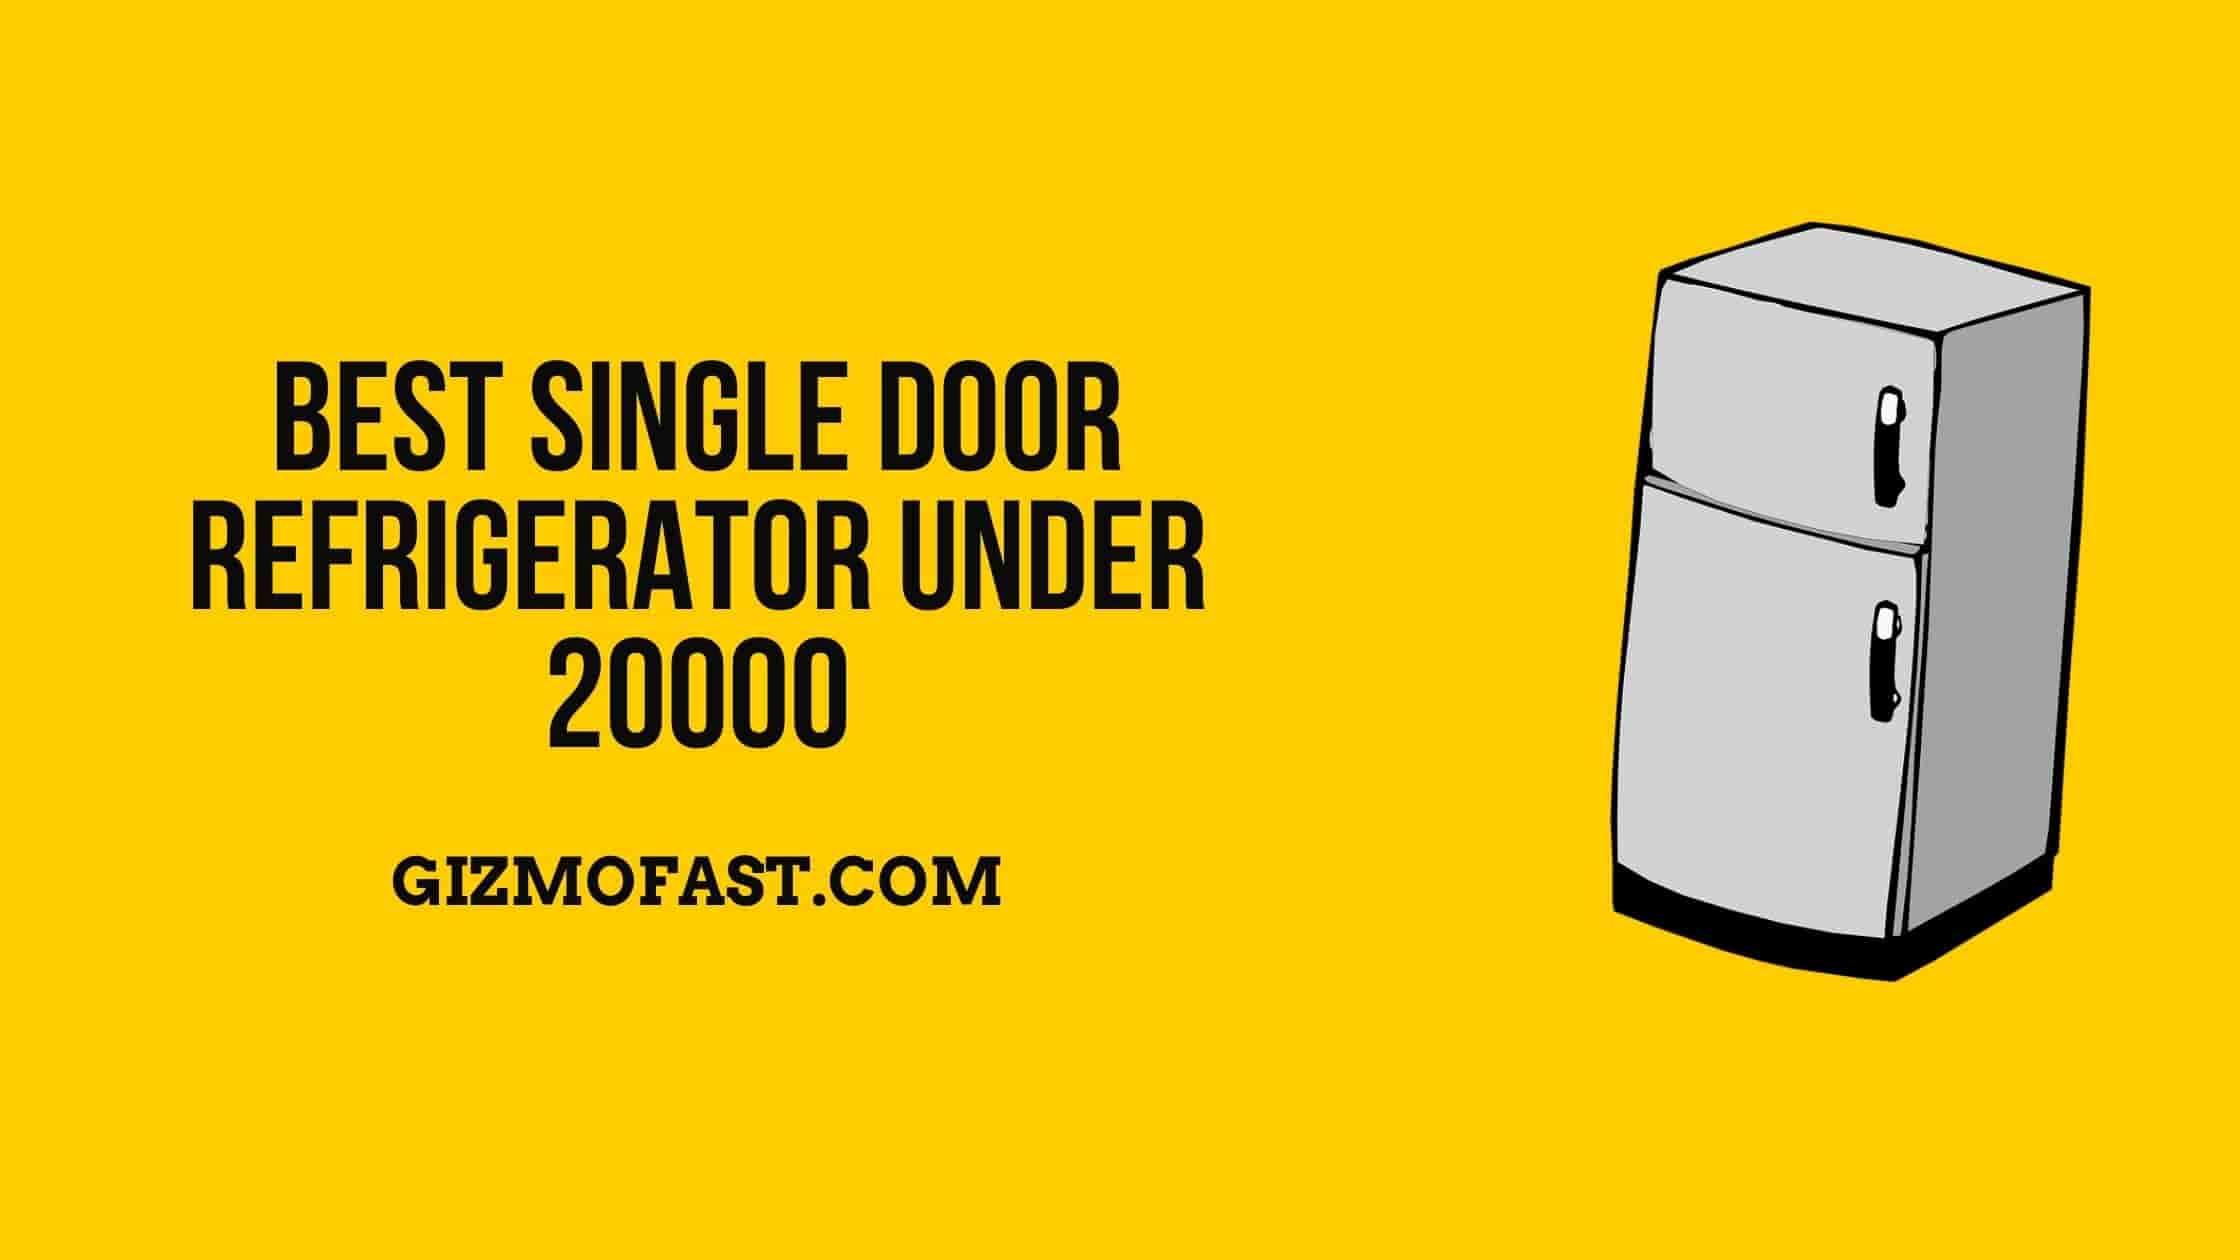 Best Single Door Refrigerator Under 20000